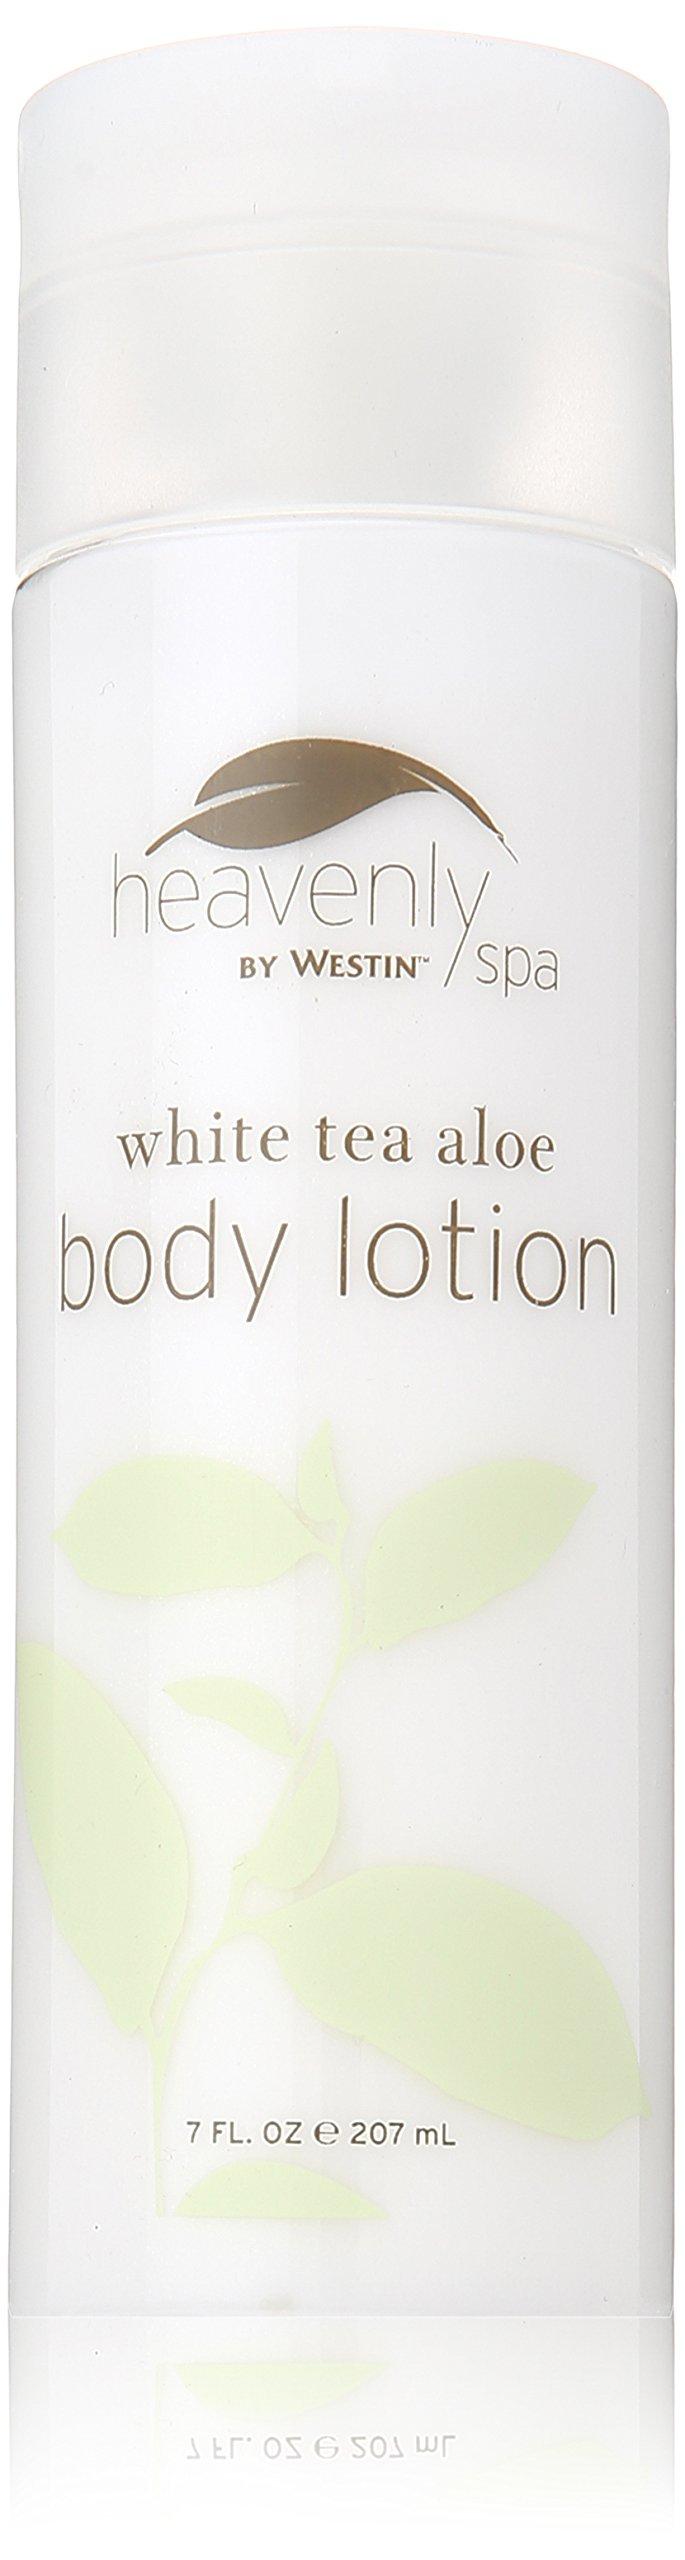 Westin White Tea Body Lotion: White Tea Aloe Moisturizer - 7 Fl Oz